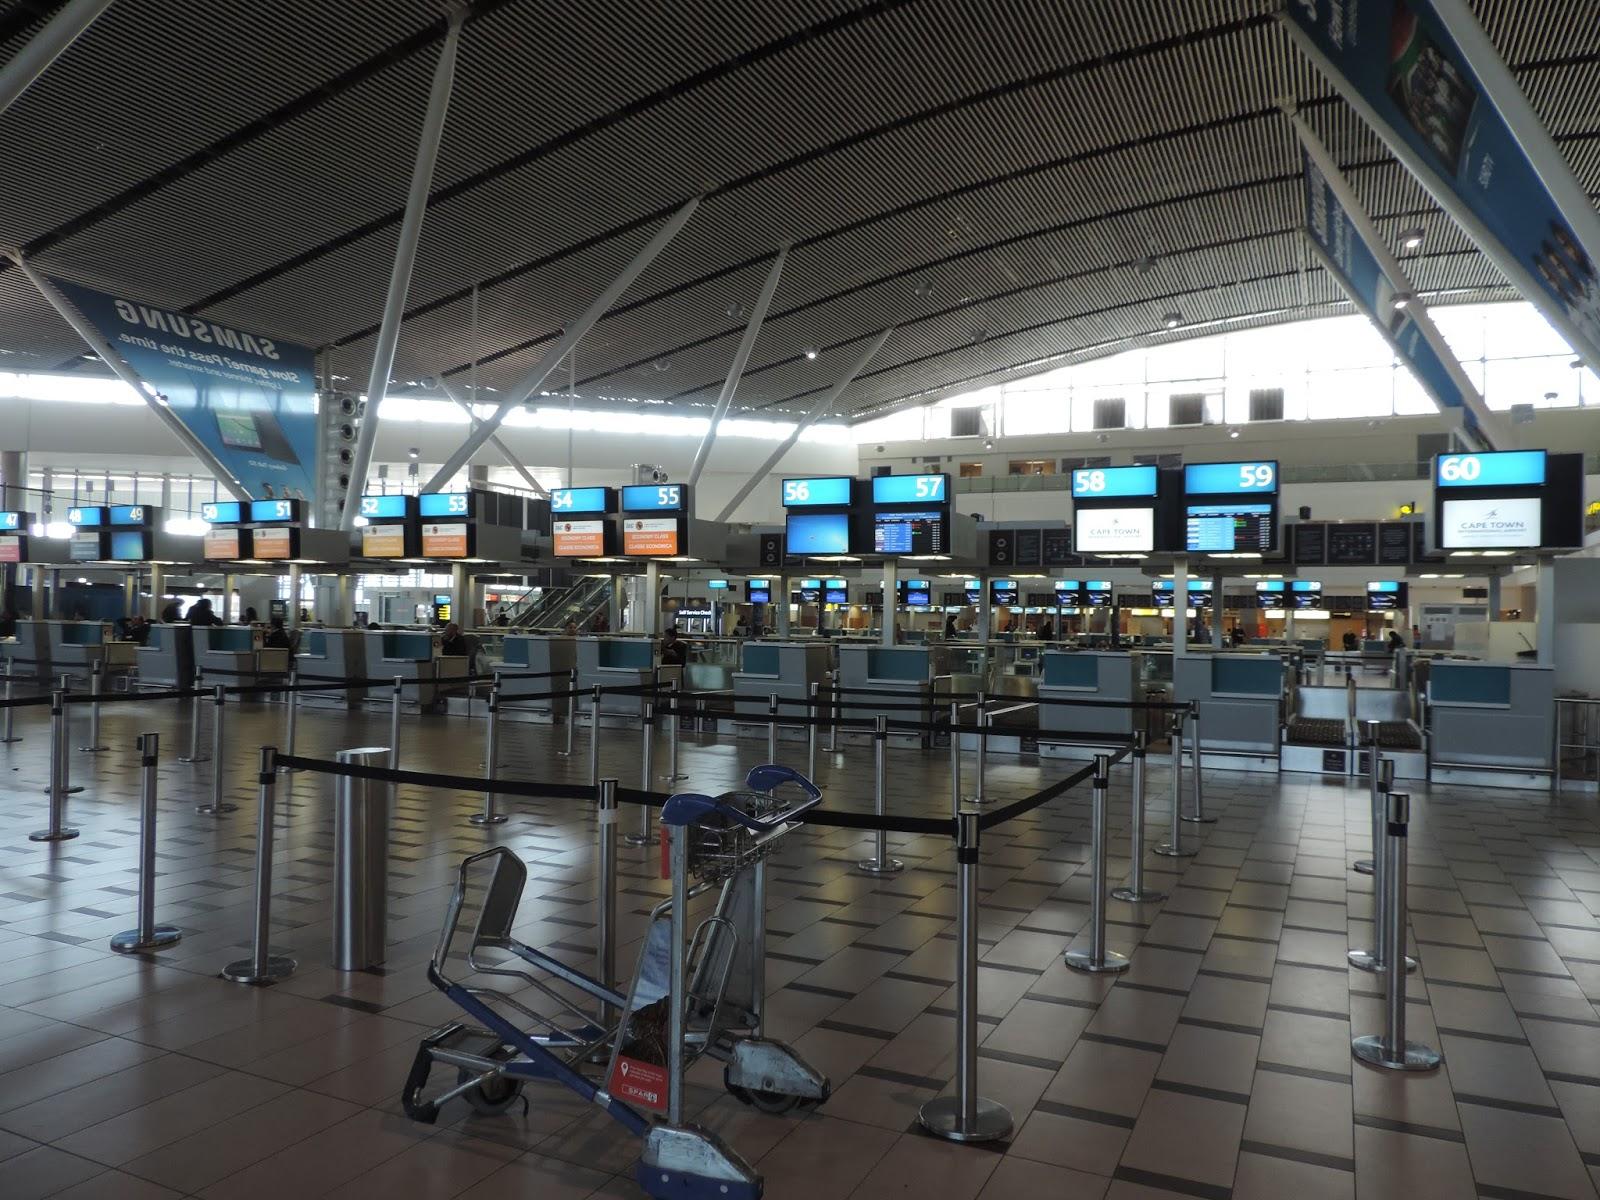 許自己一個飛行的夢: [納米比亞航空] 17AUG16 Air Namibia SW 708 開普敦-溫荷克 CPT-WDH (Cape Town - Windhoek)